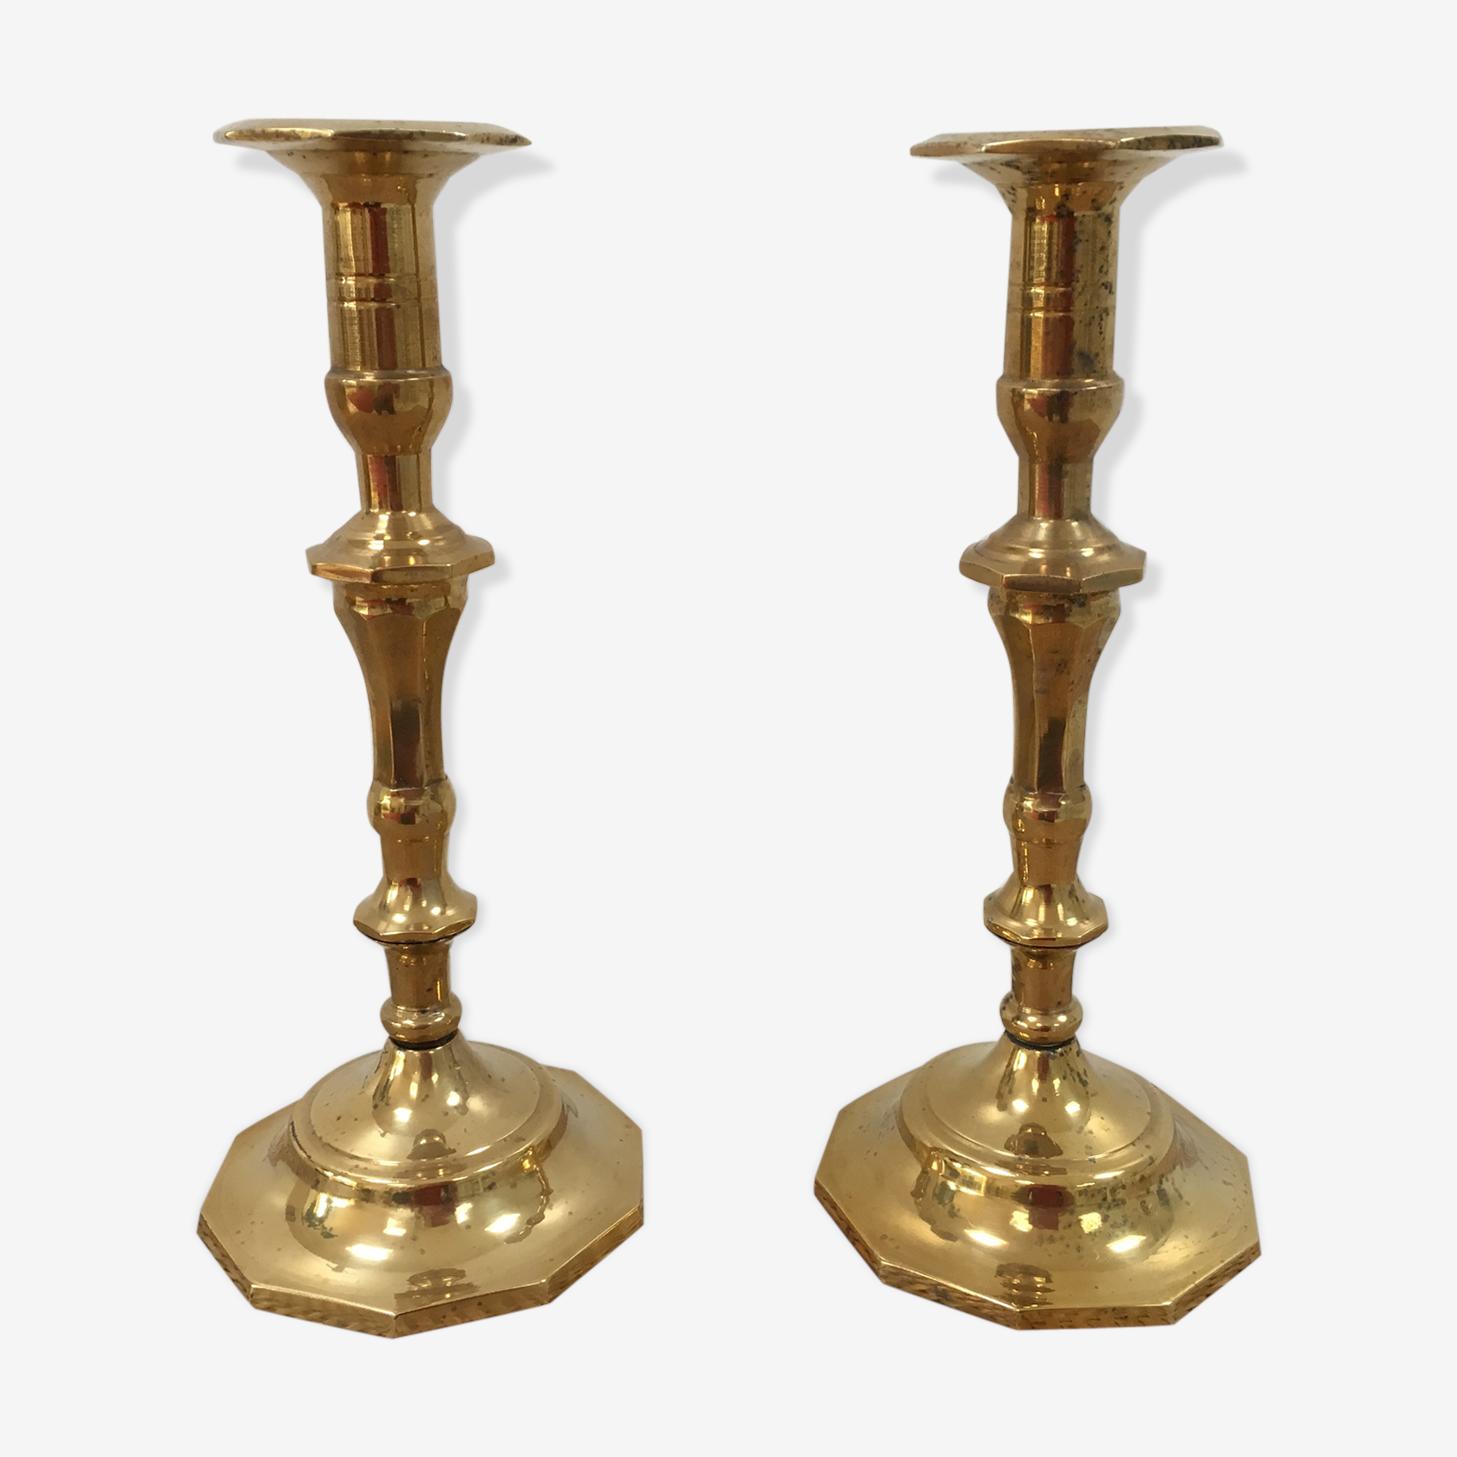 Duo de chandeliers anciens en laiton